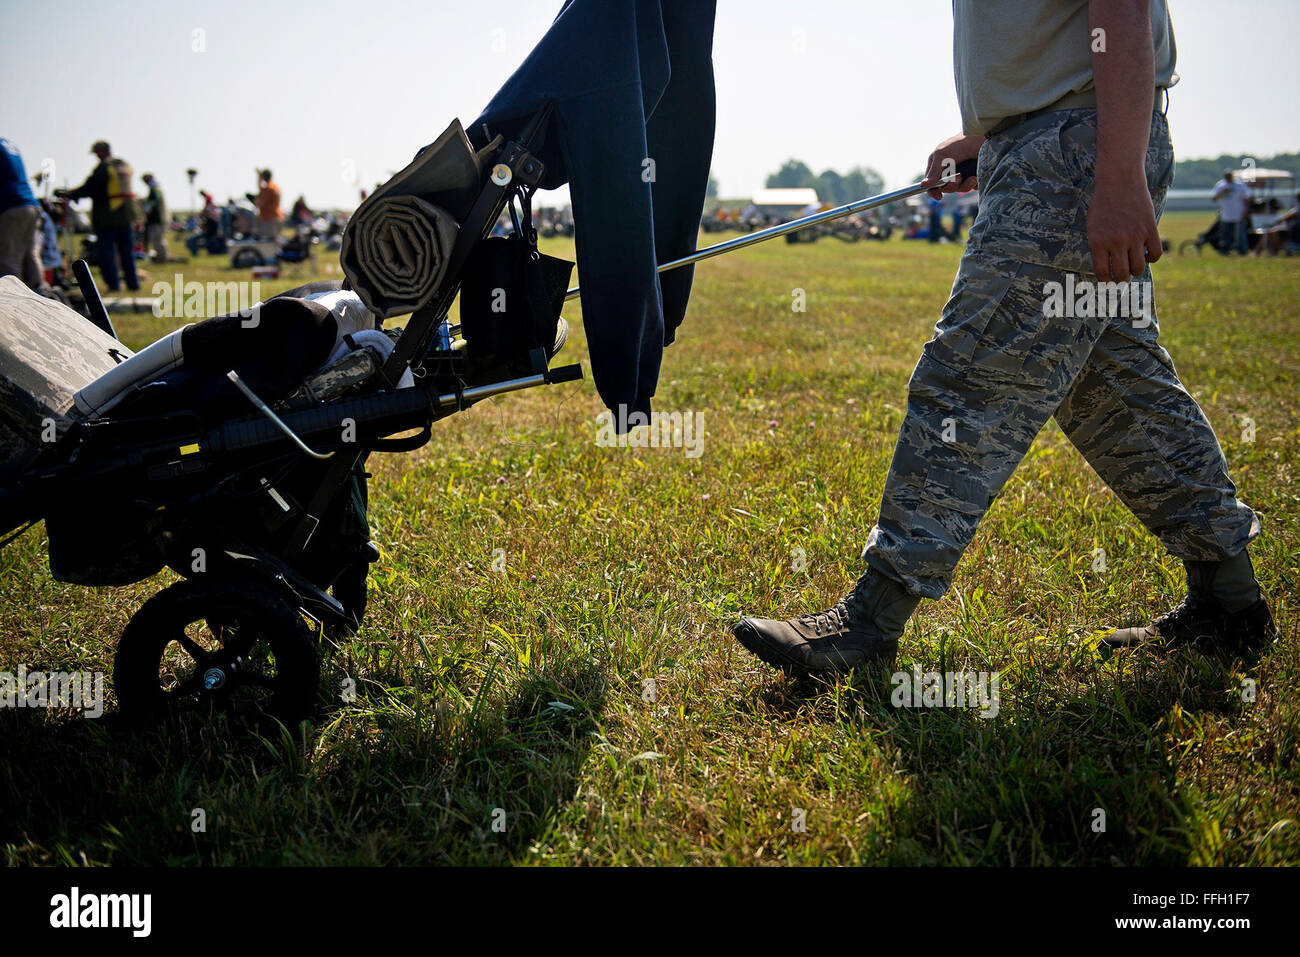 Agent spécial David Ohlinger pousse son panier vers la ligne de tir de 200 verges pour se préparer à son tour de tirer. Ohlinger utilisé différentes pièces et inhabituelle pour constituer son propre chariot, y compris dans le cadre d'une initialisation à pied de tenir son fusil. Banque D'Images